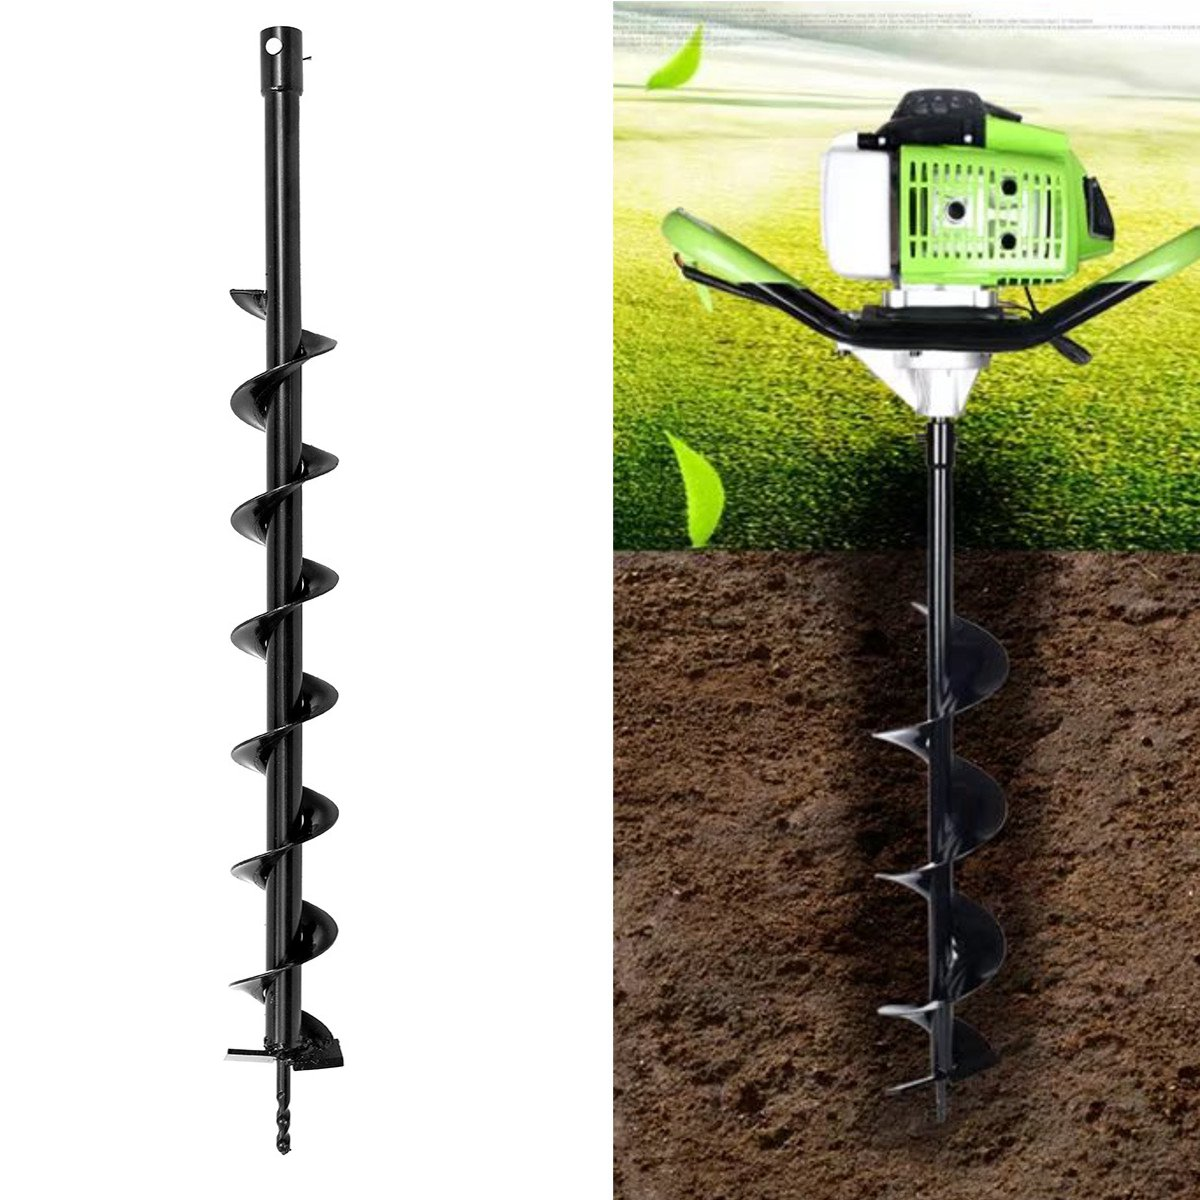 800mmx80мм садовые буровые долота, бензиновый столб, инструмент для посадки деревьев, строгальные сверла для садоводства